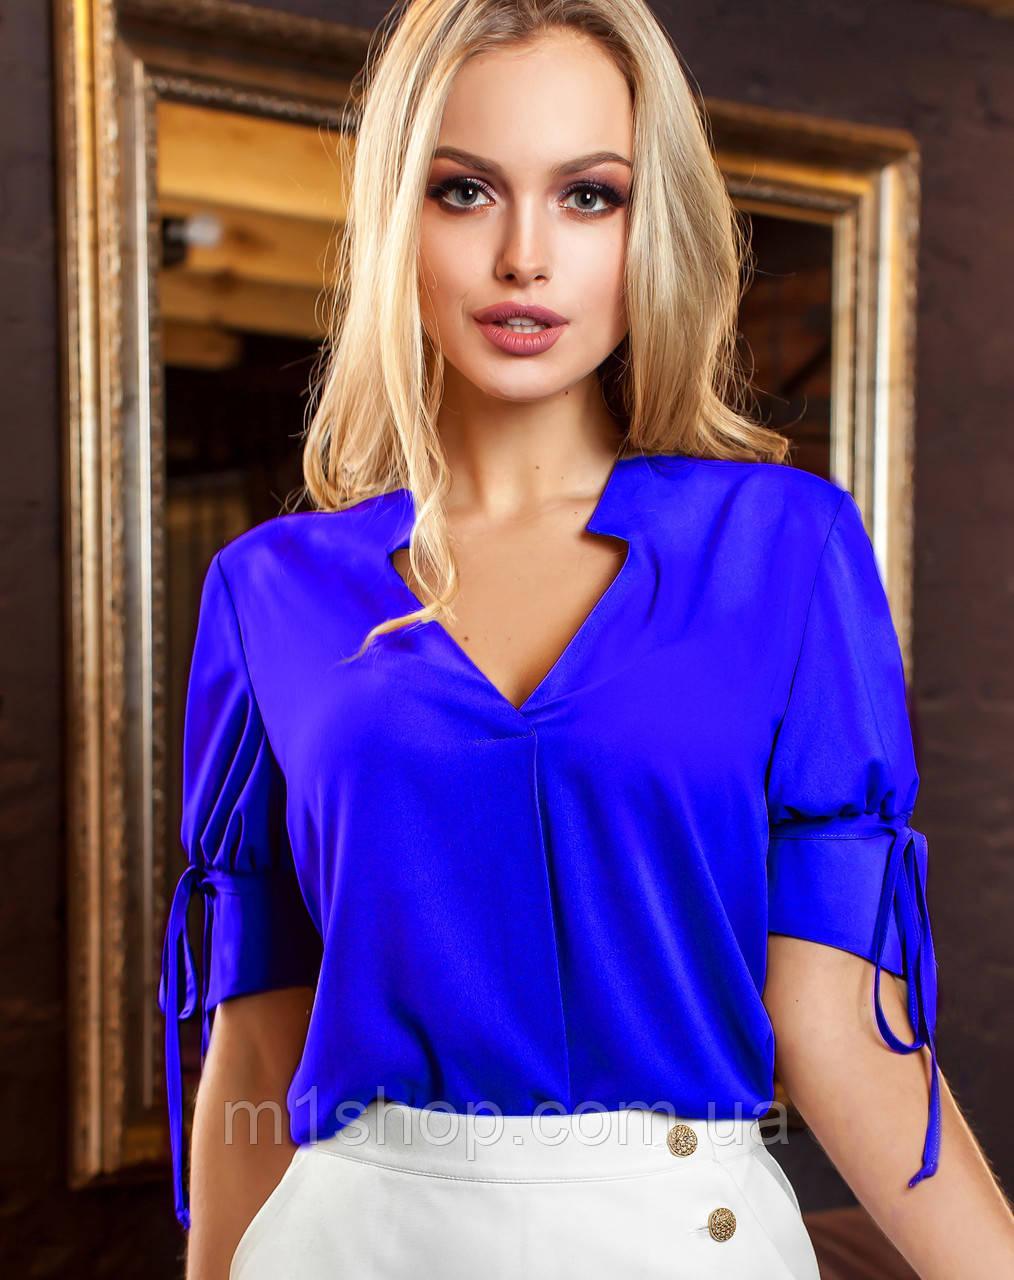 Женская блузка с завязками на рукавах (Кармен jd)